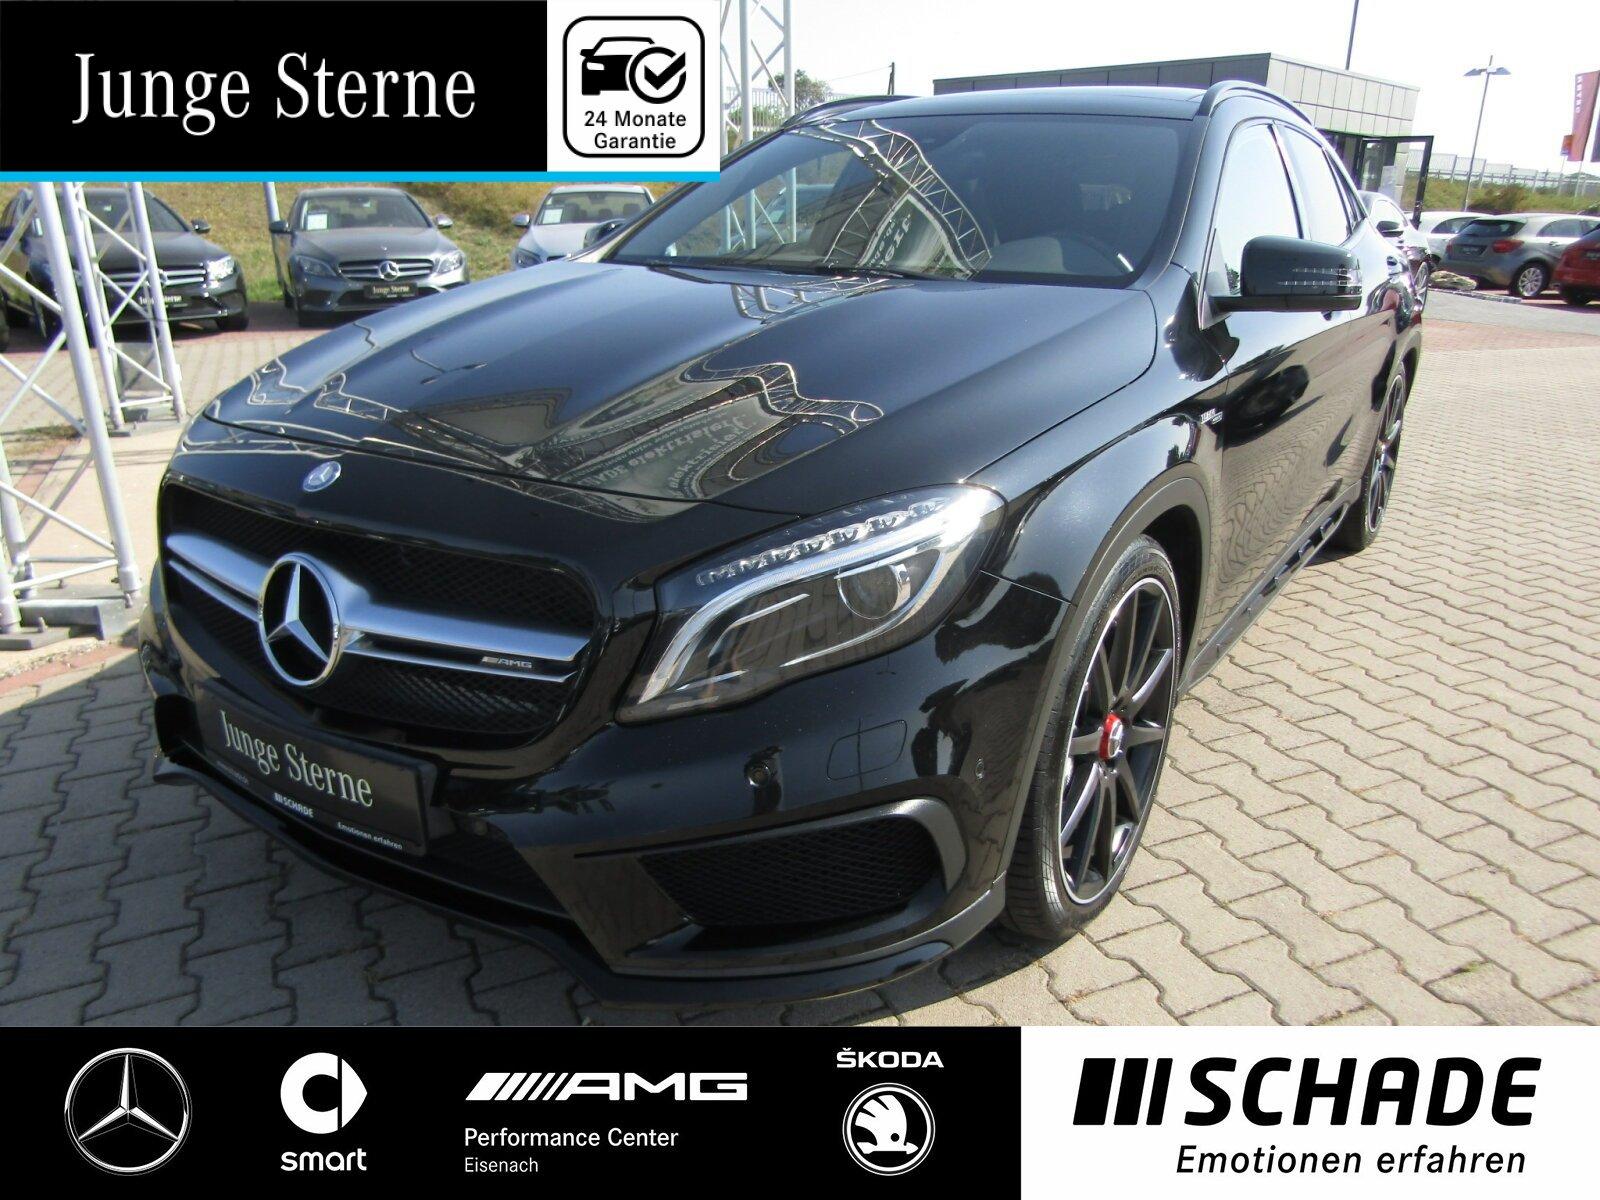 Mercedes-Benz GLA 45 AMG 4 Matic *Exklusiv Paket*Panoramadach*, Jahr 2016, Benzin